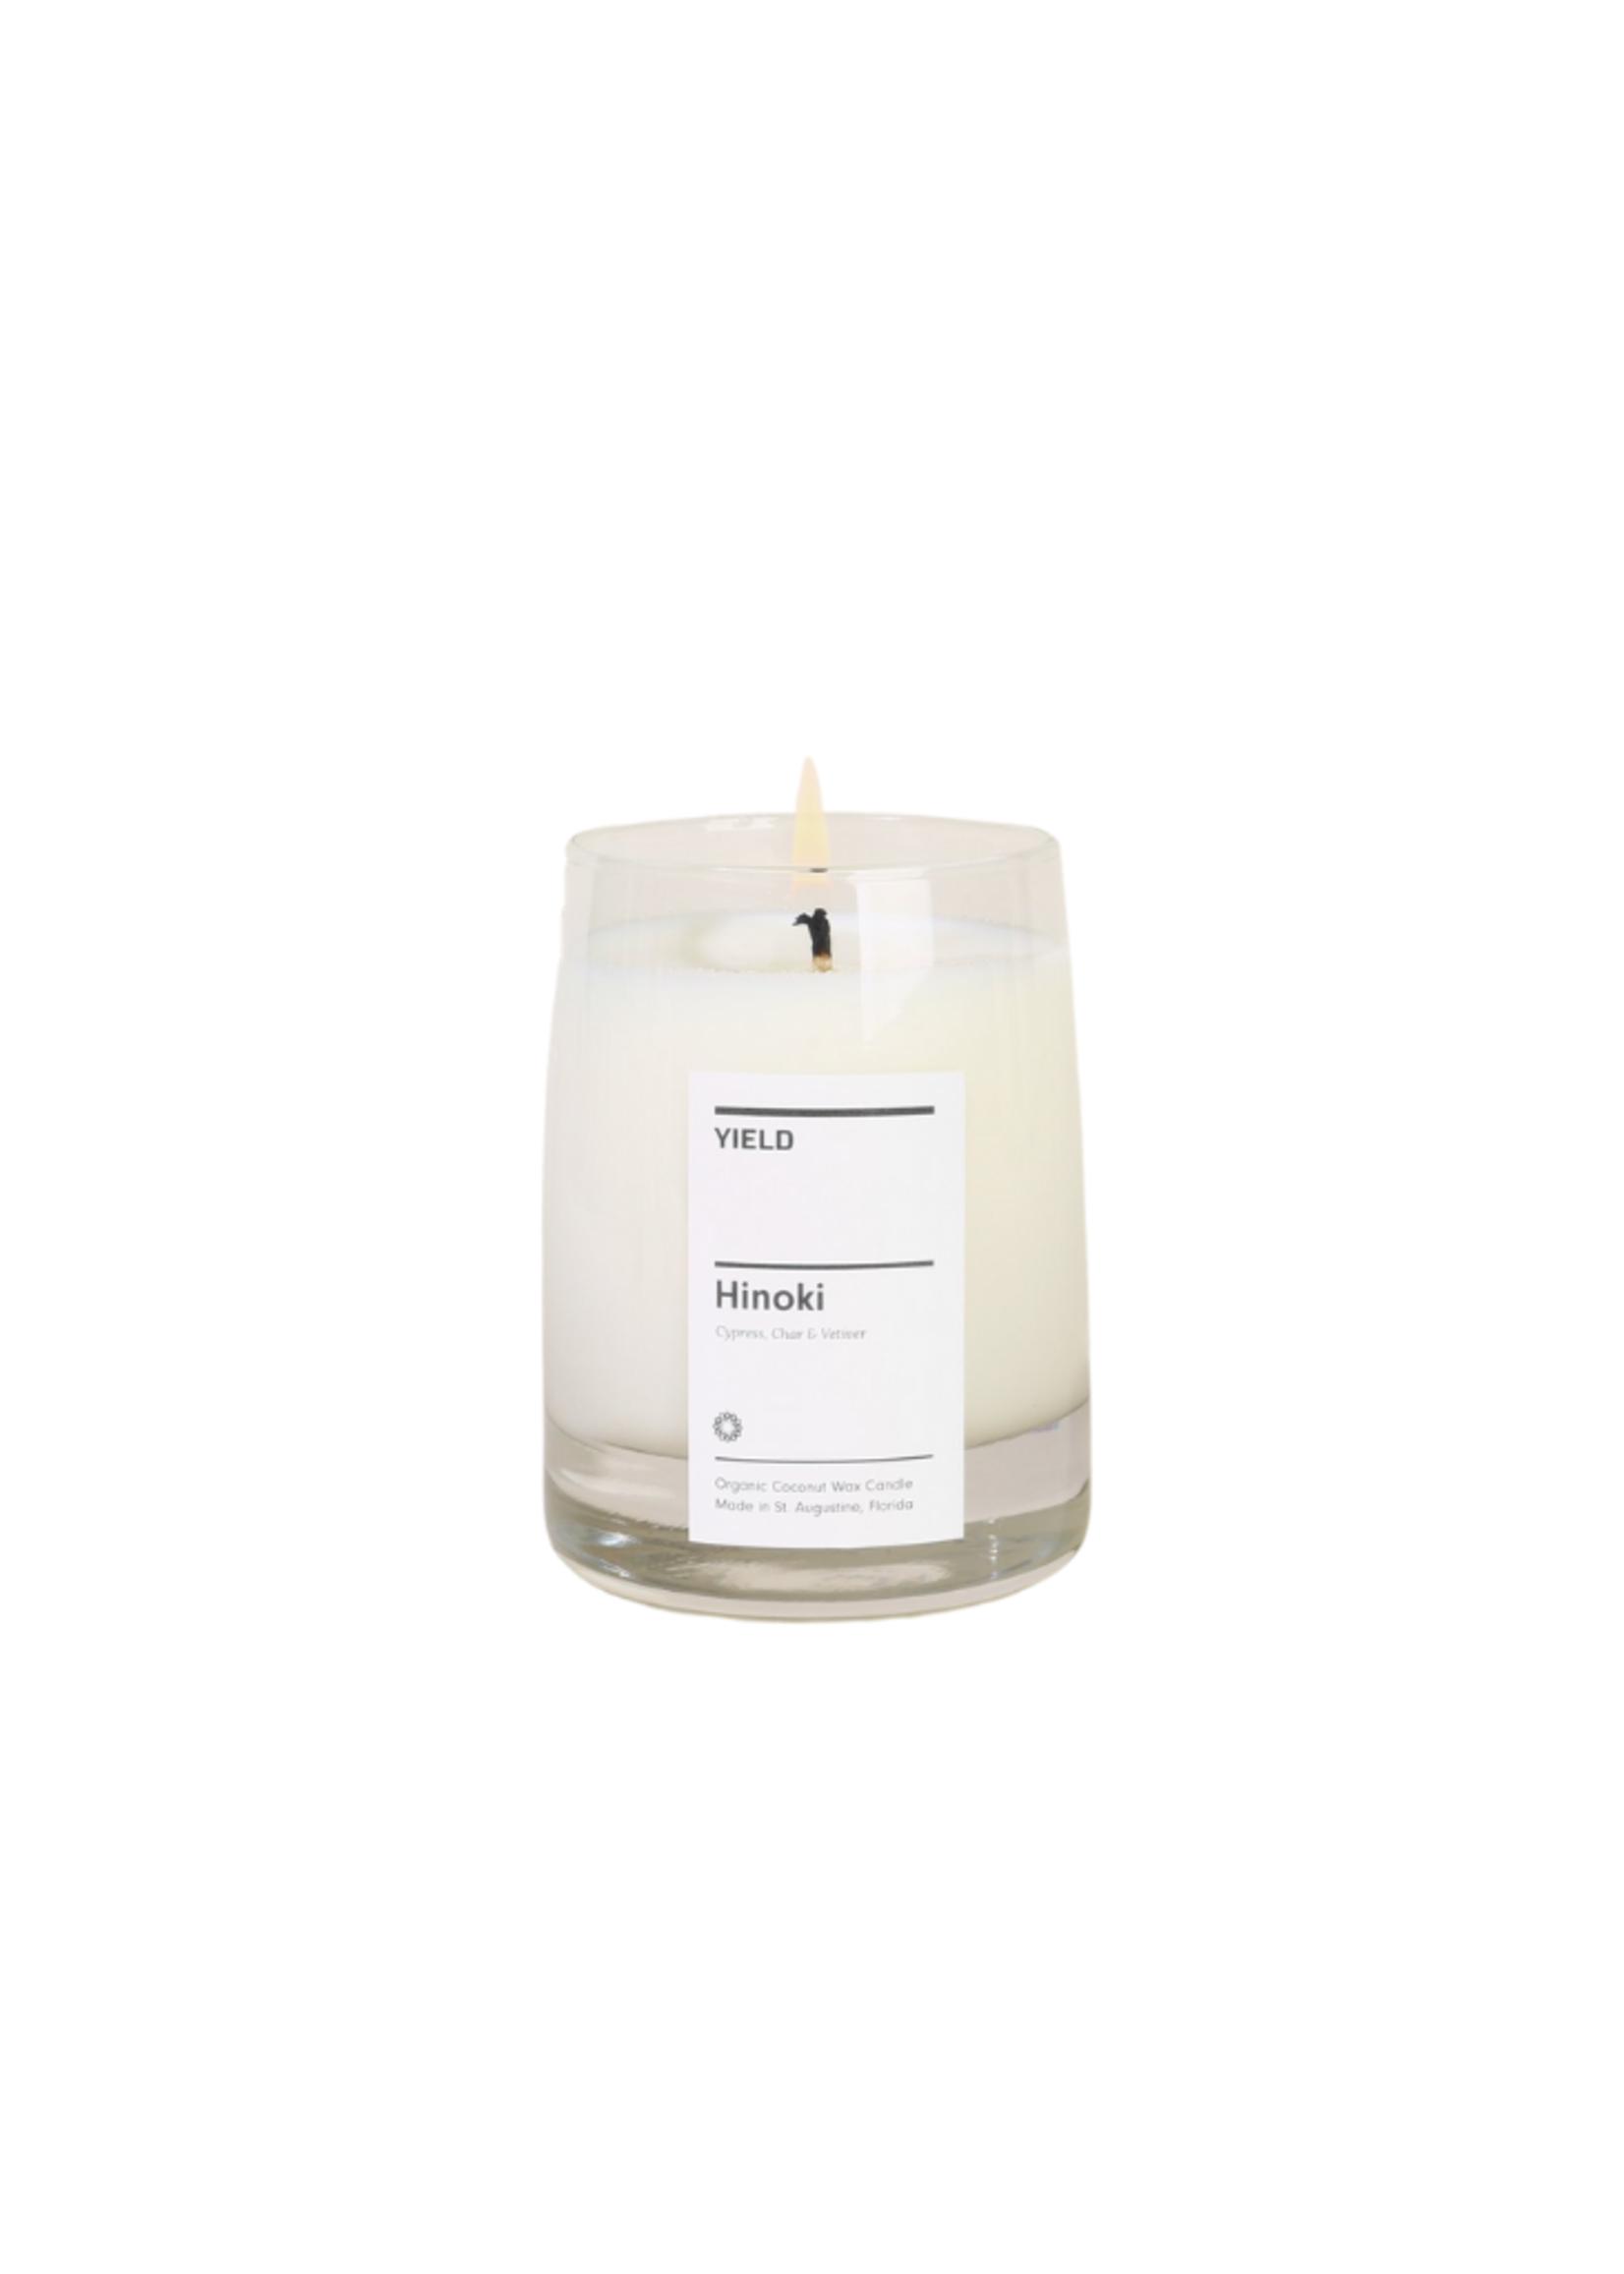 Yield Design Co Hinoki Candle